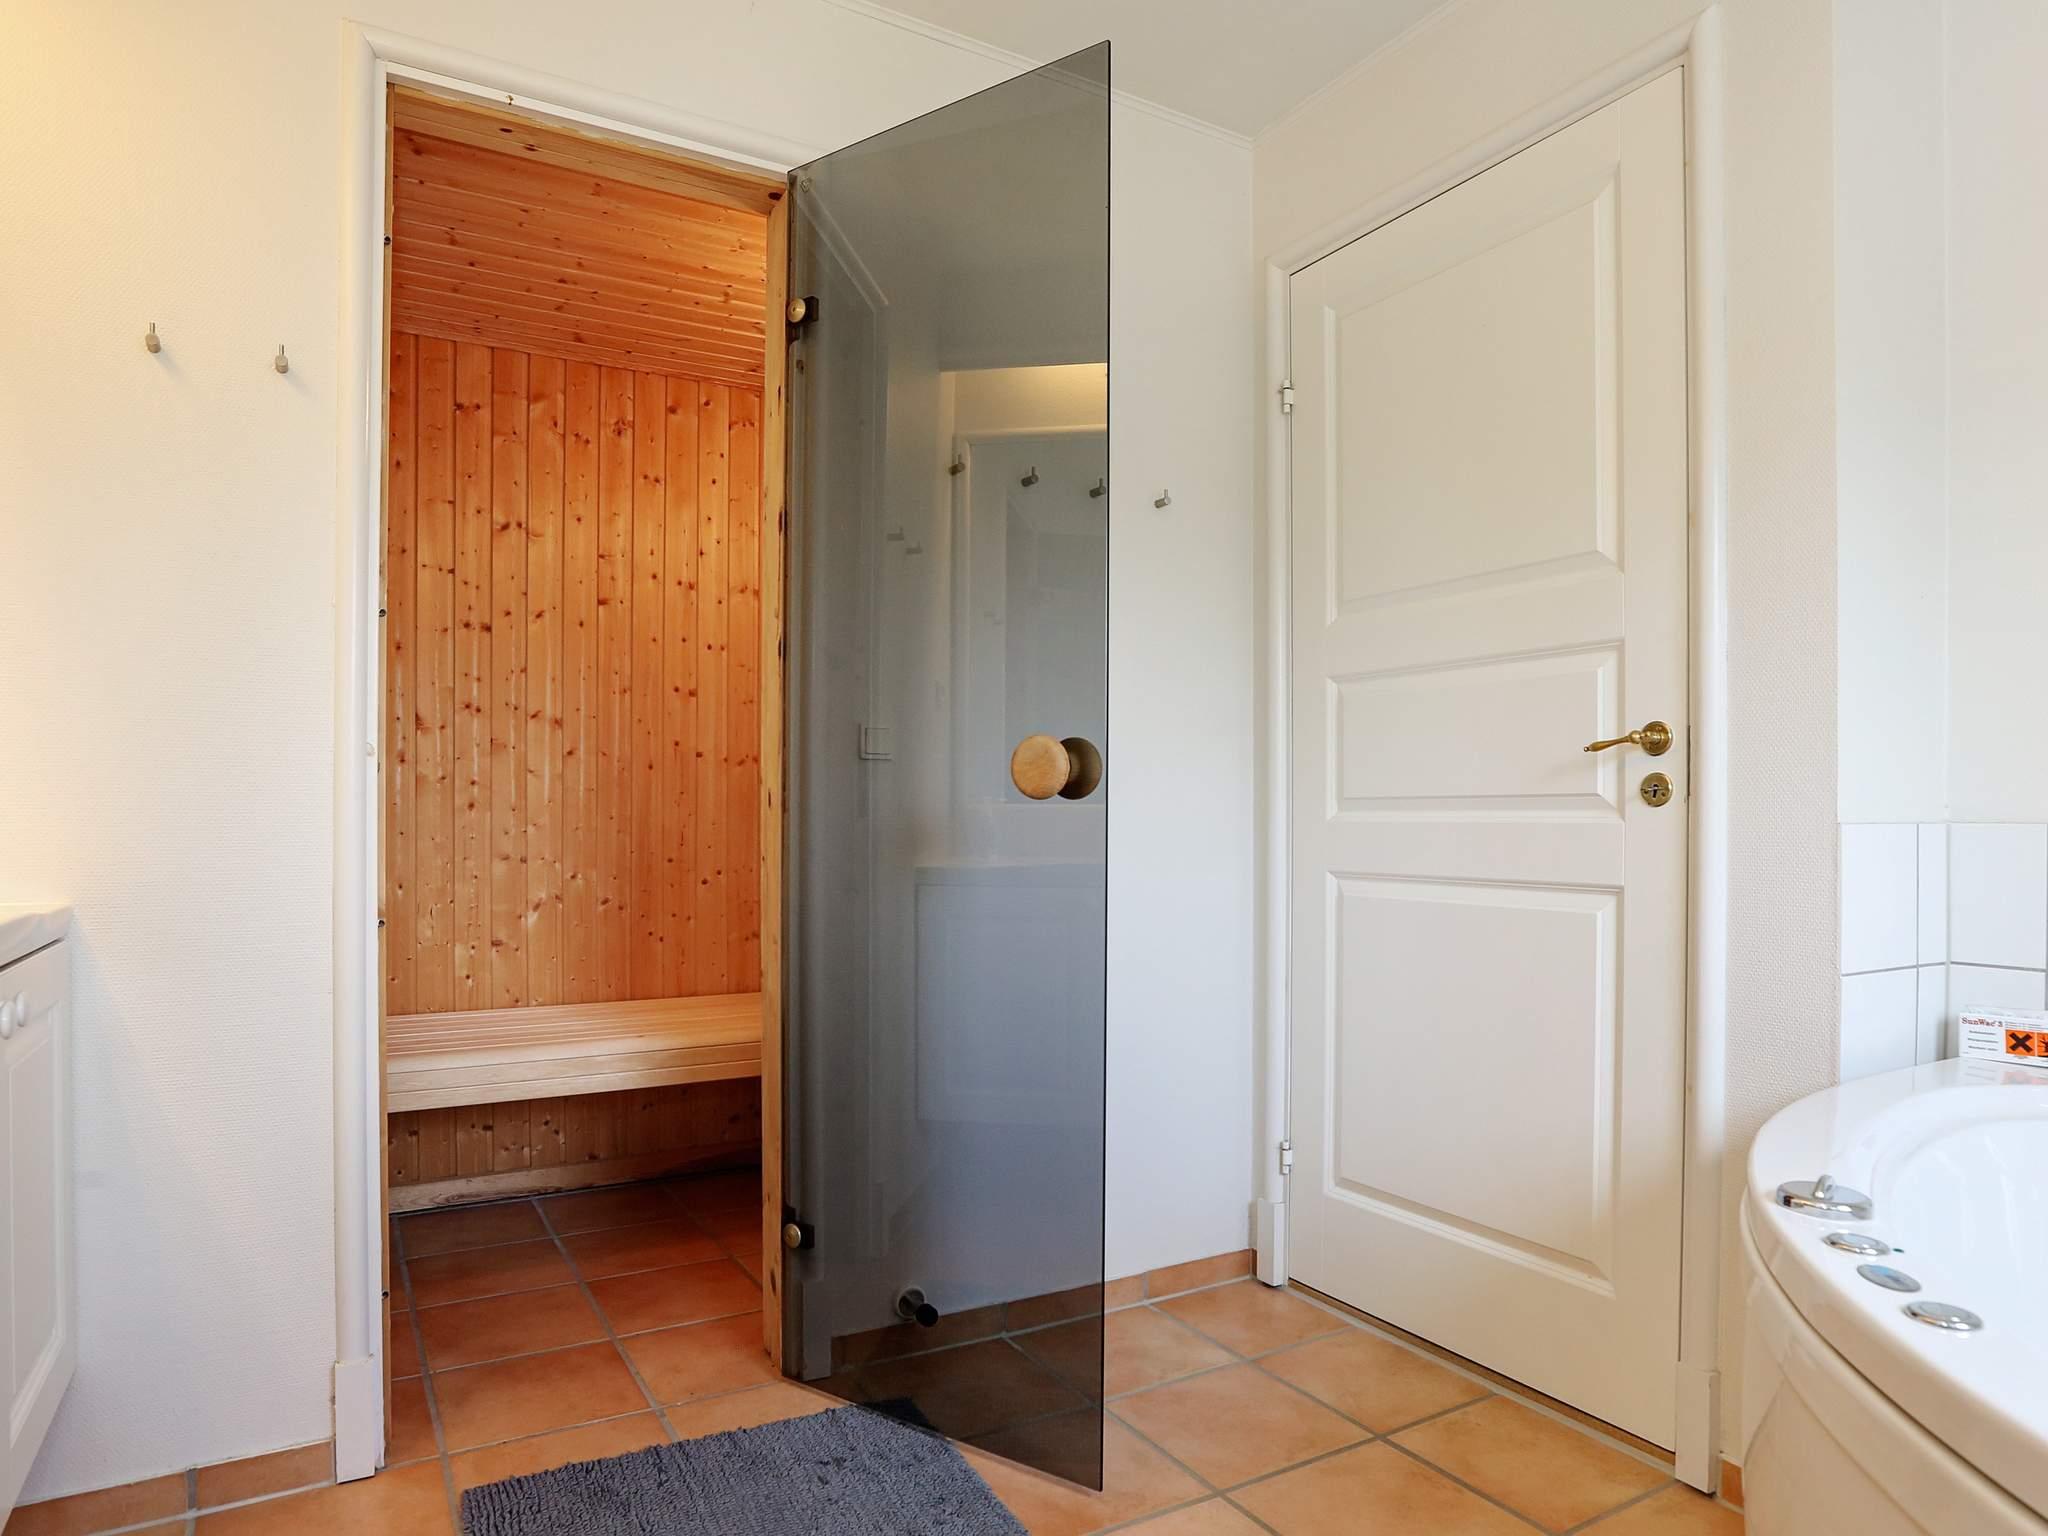 Ferienhaus Rågeleje (469708), Rågeleje, , Nordseeland, Dänemark, Bild 12